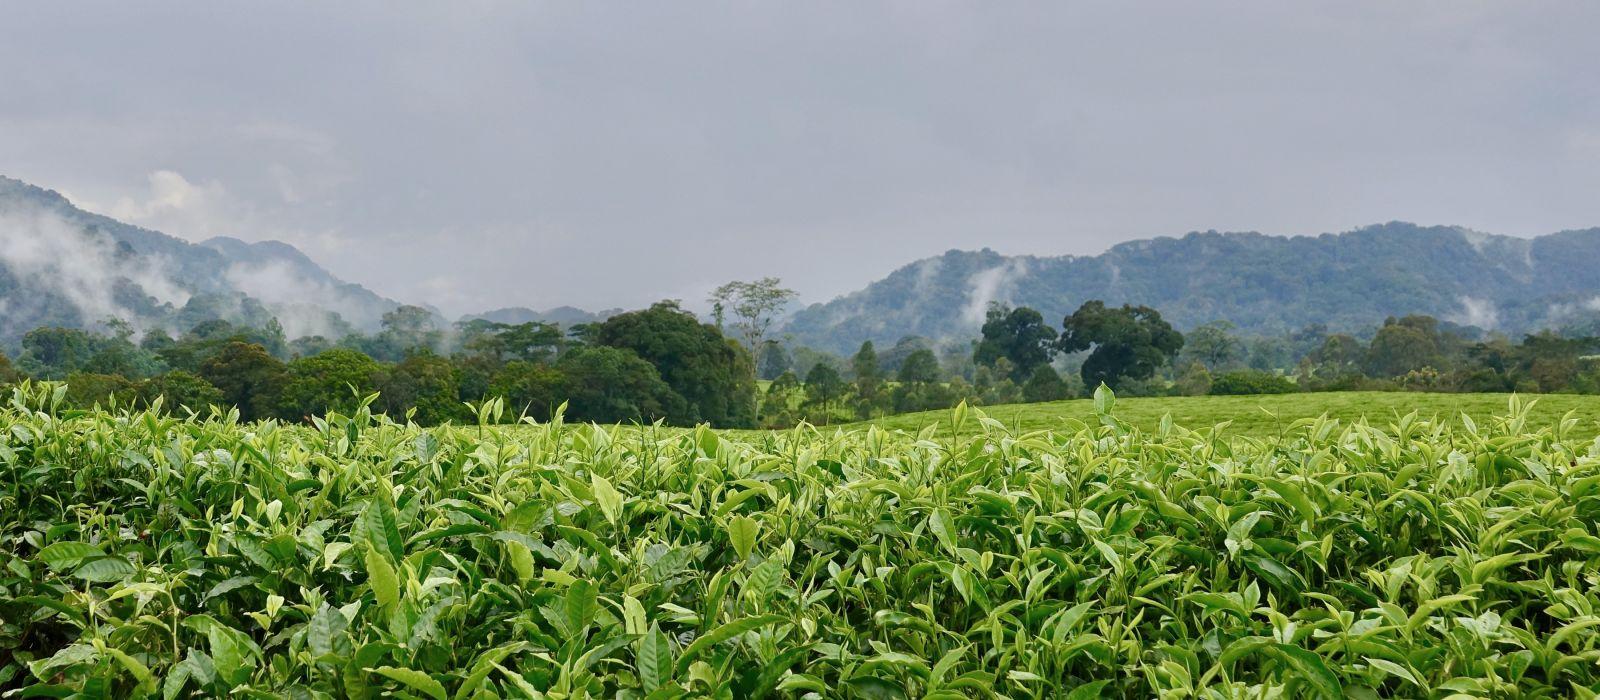 Teeplantage und Regenwald, in der Nähe von Nyungwe Nationalpark, Ruanda